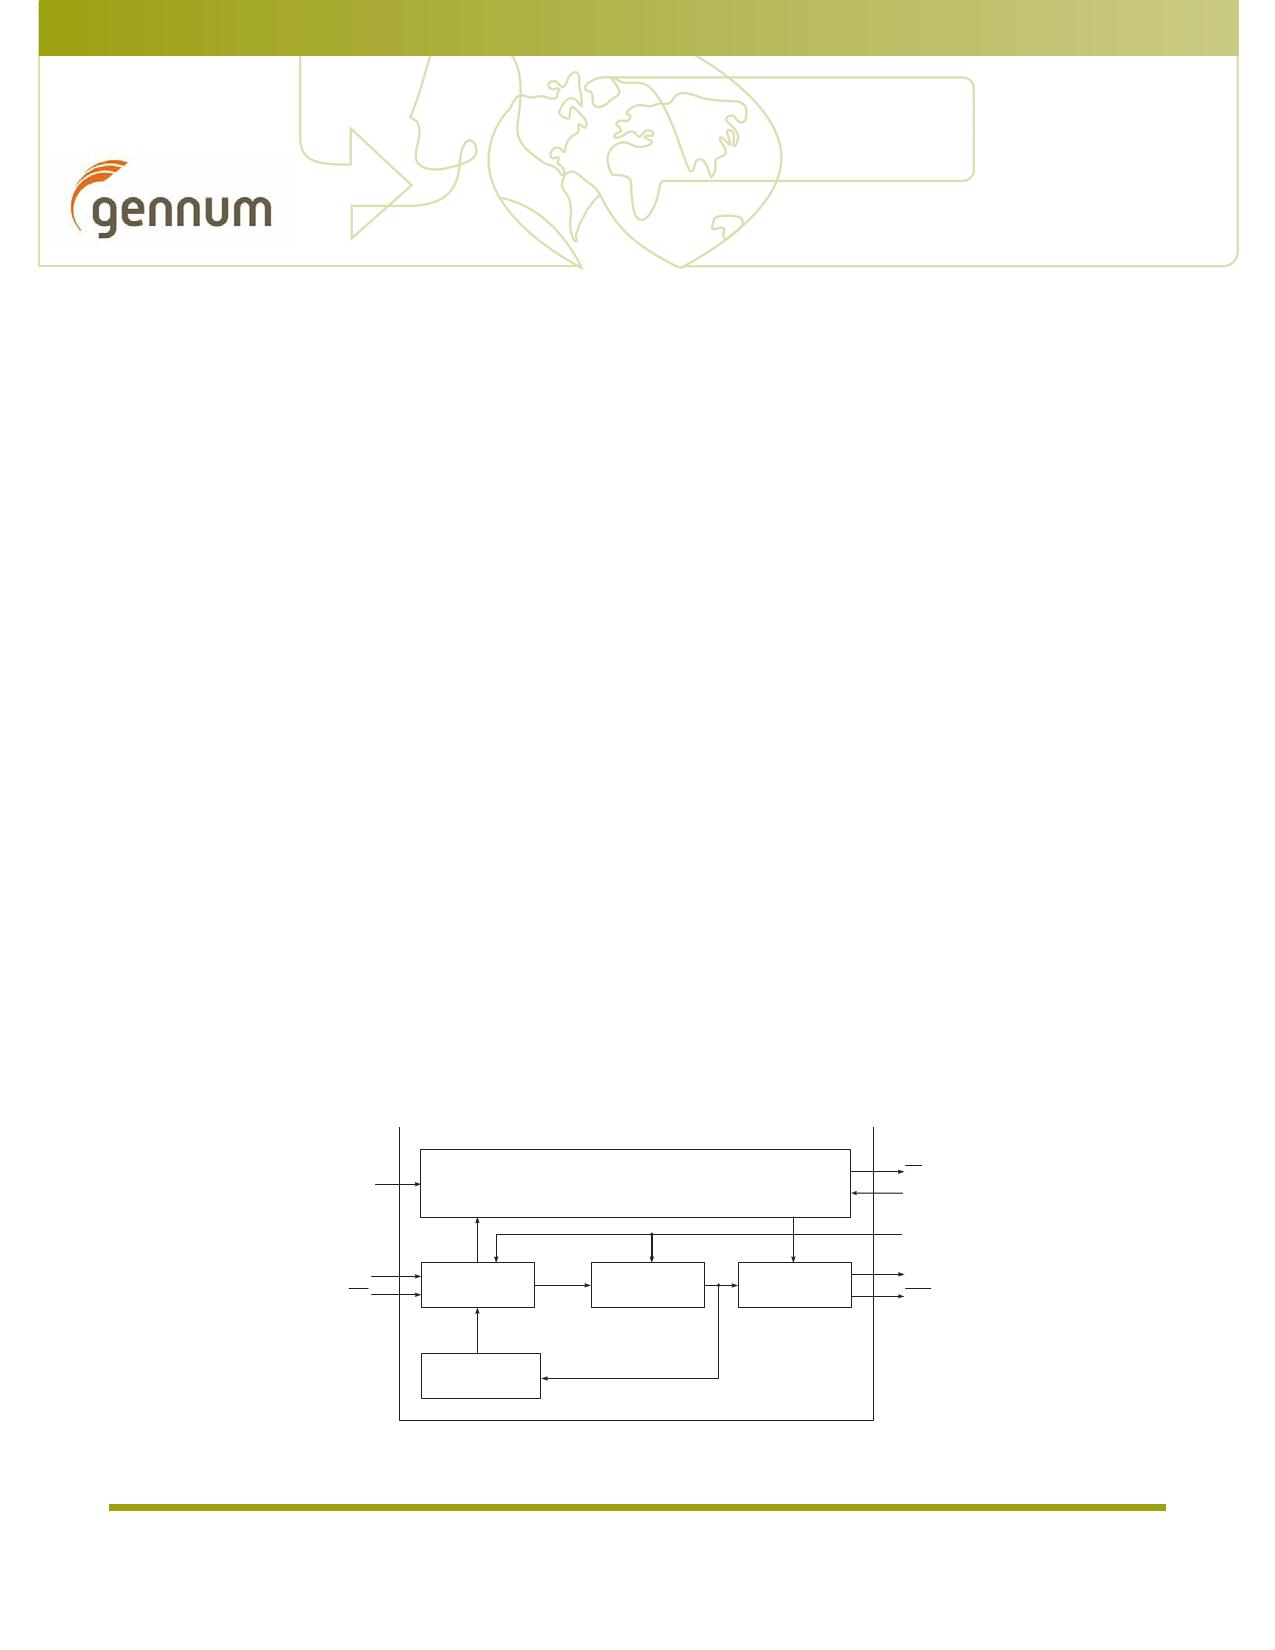 GS2974B datasheet